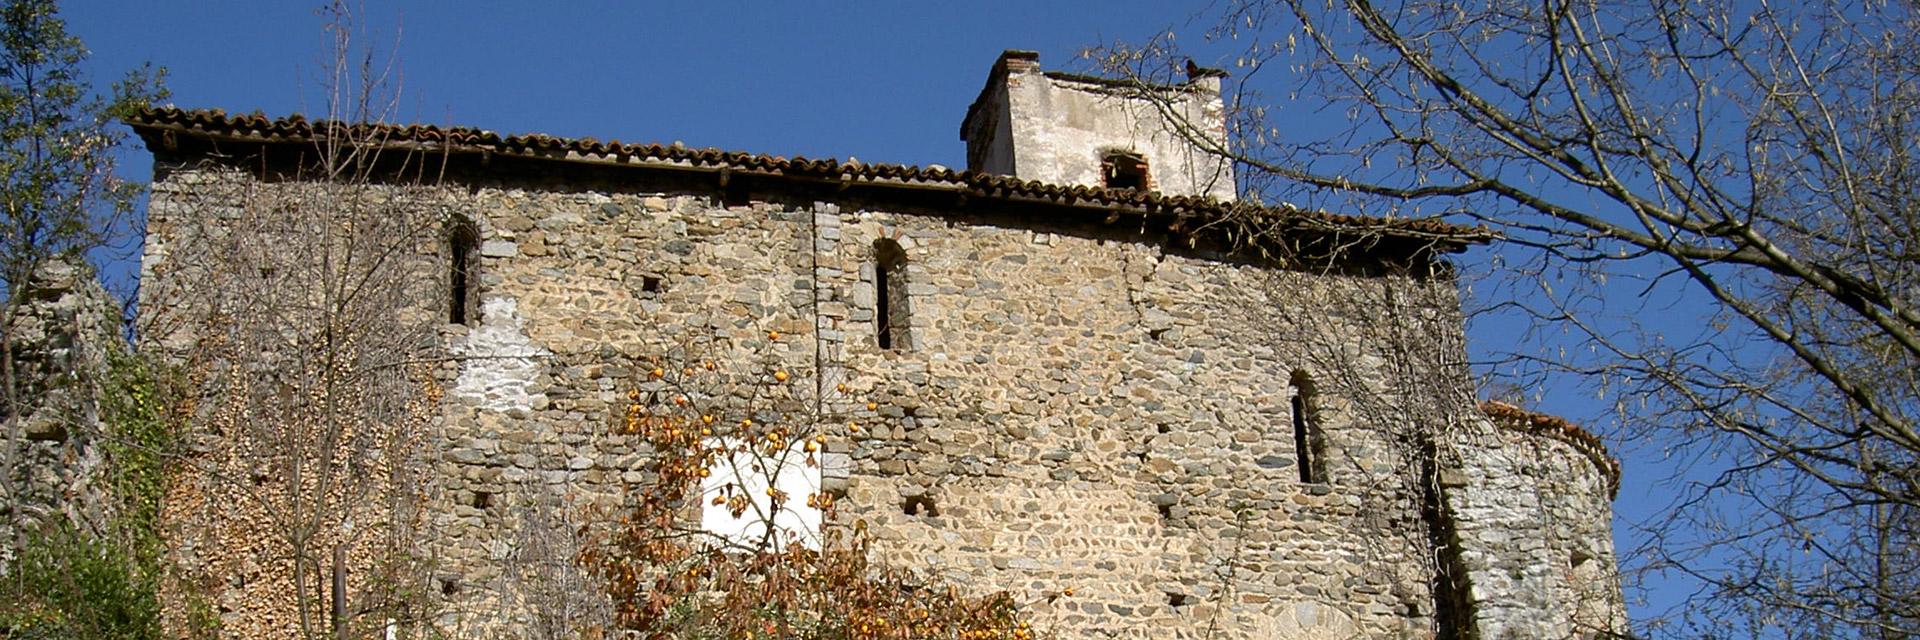 Chiesa di San Bartolomeo ad Avigliana